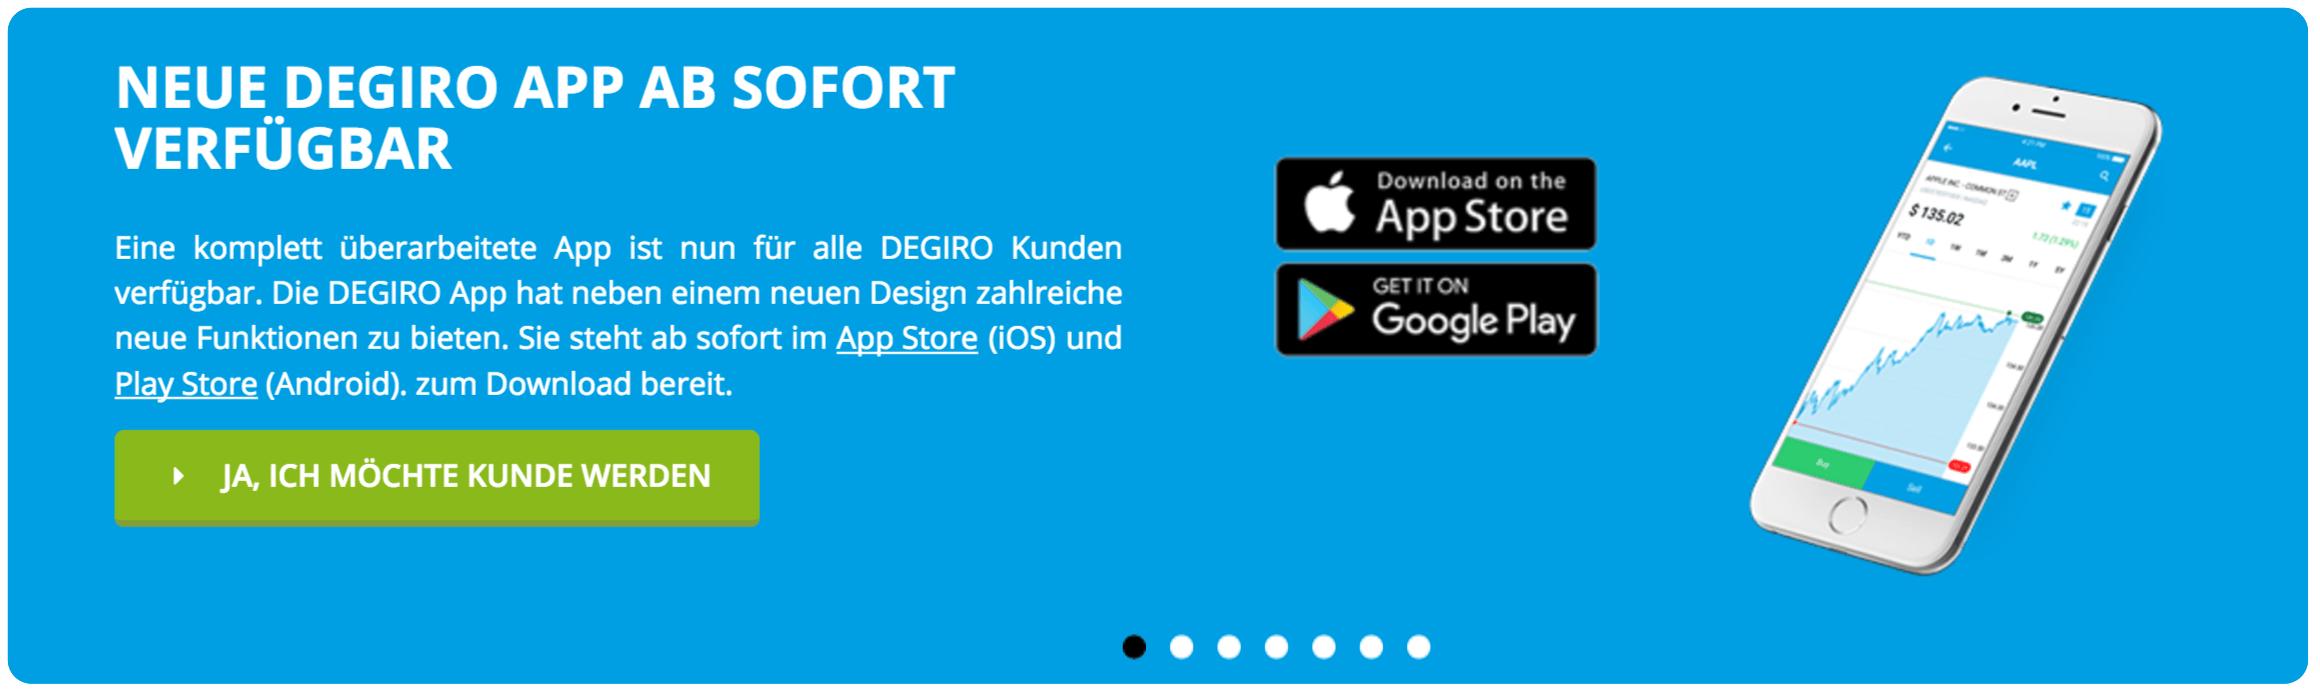 Trading unterwegs mit der DEGIRO App